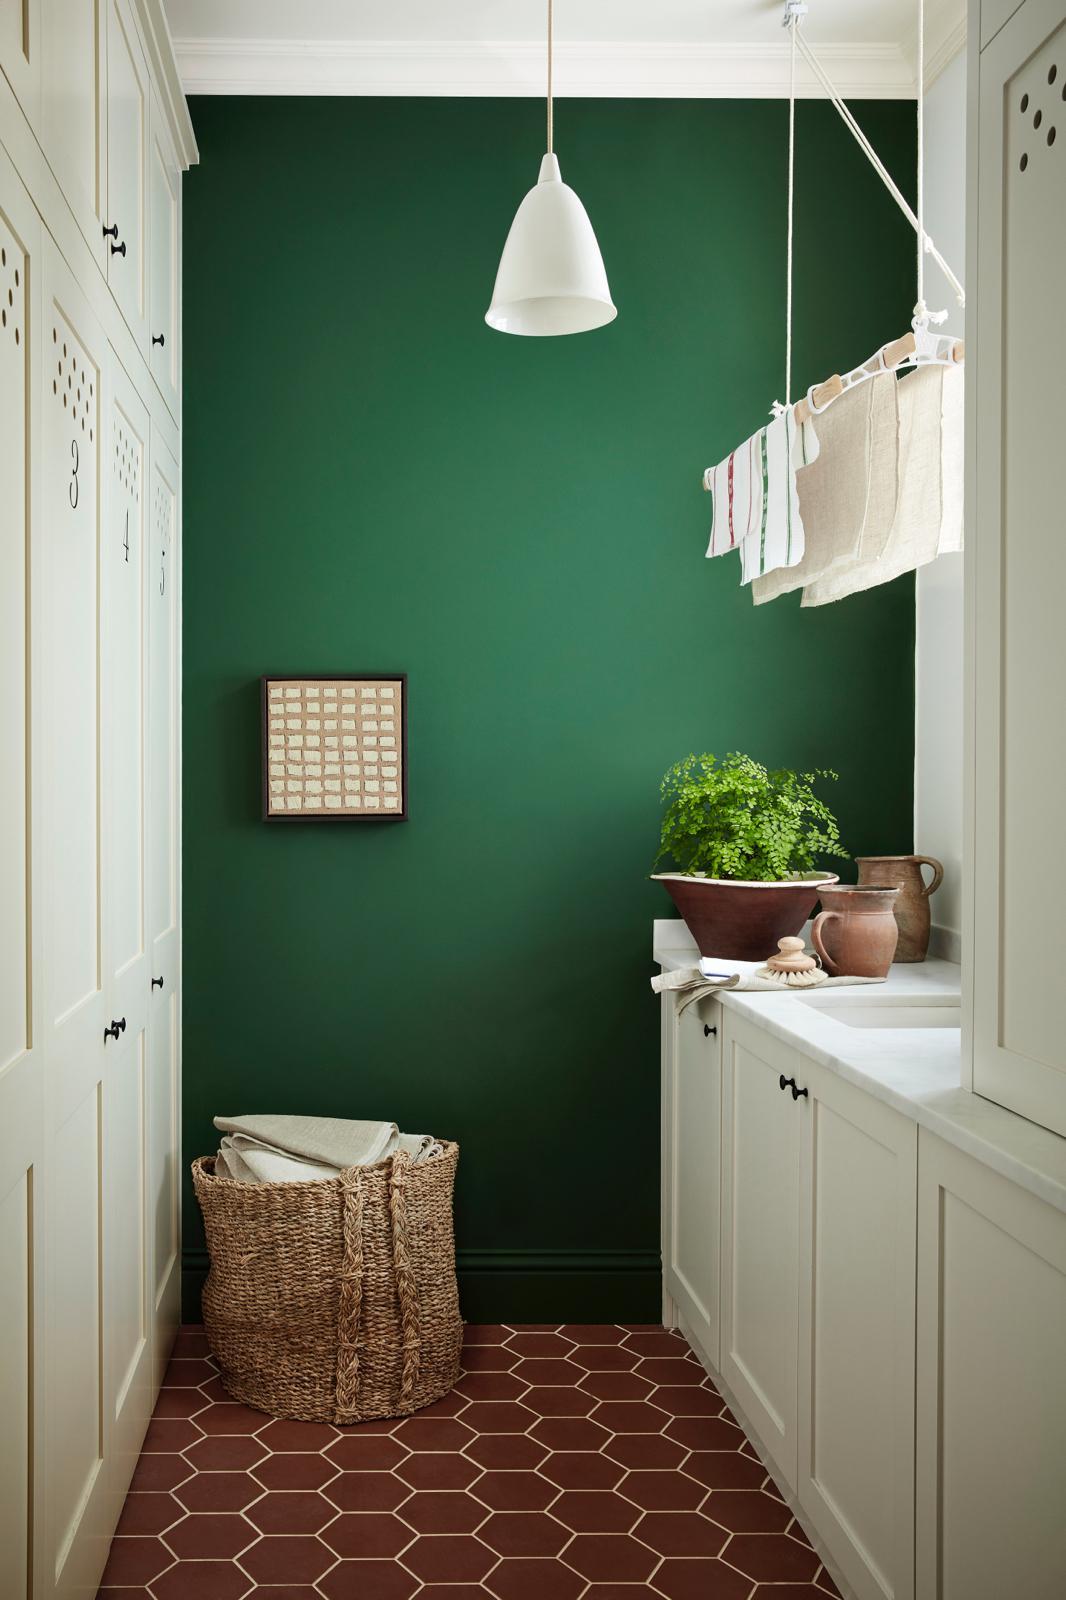 Design: Grün ist das neue Schwarz – der Farbe oder der Umwelt zuliebe?